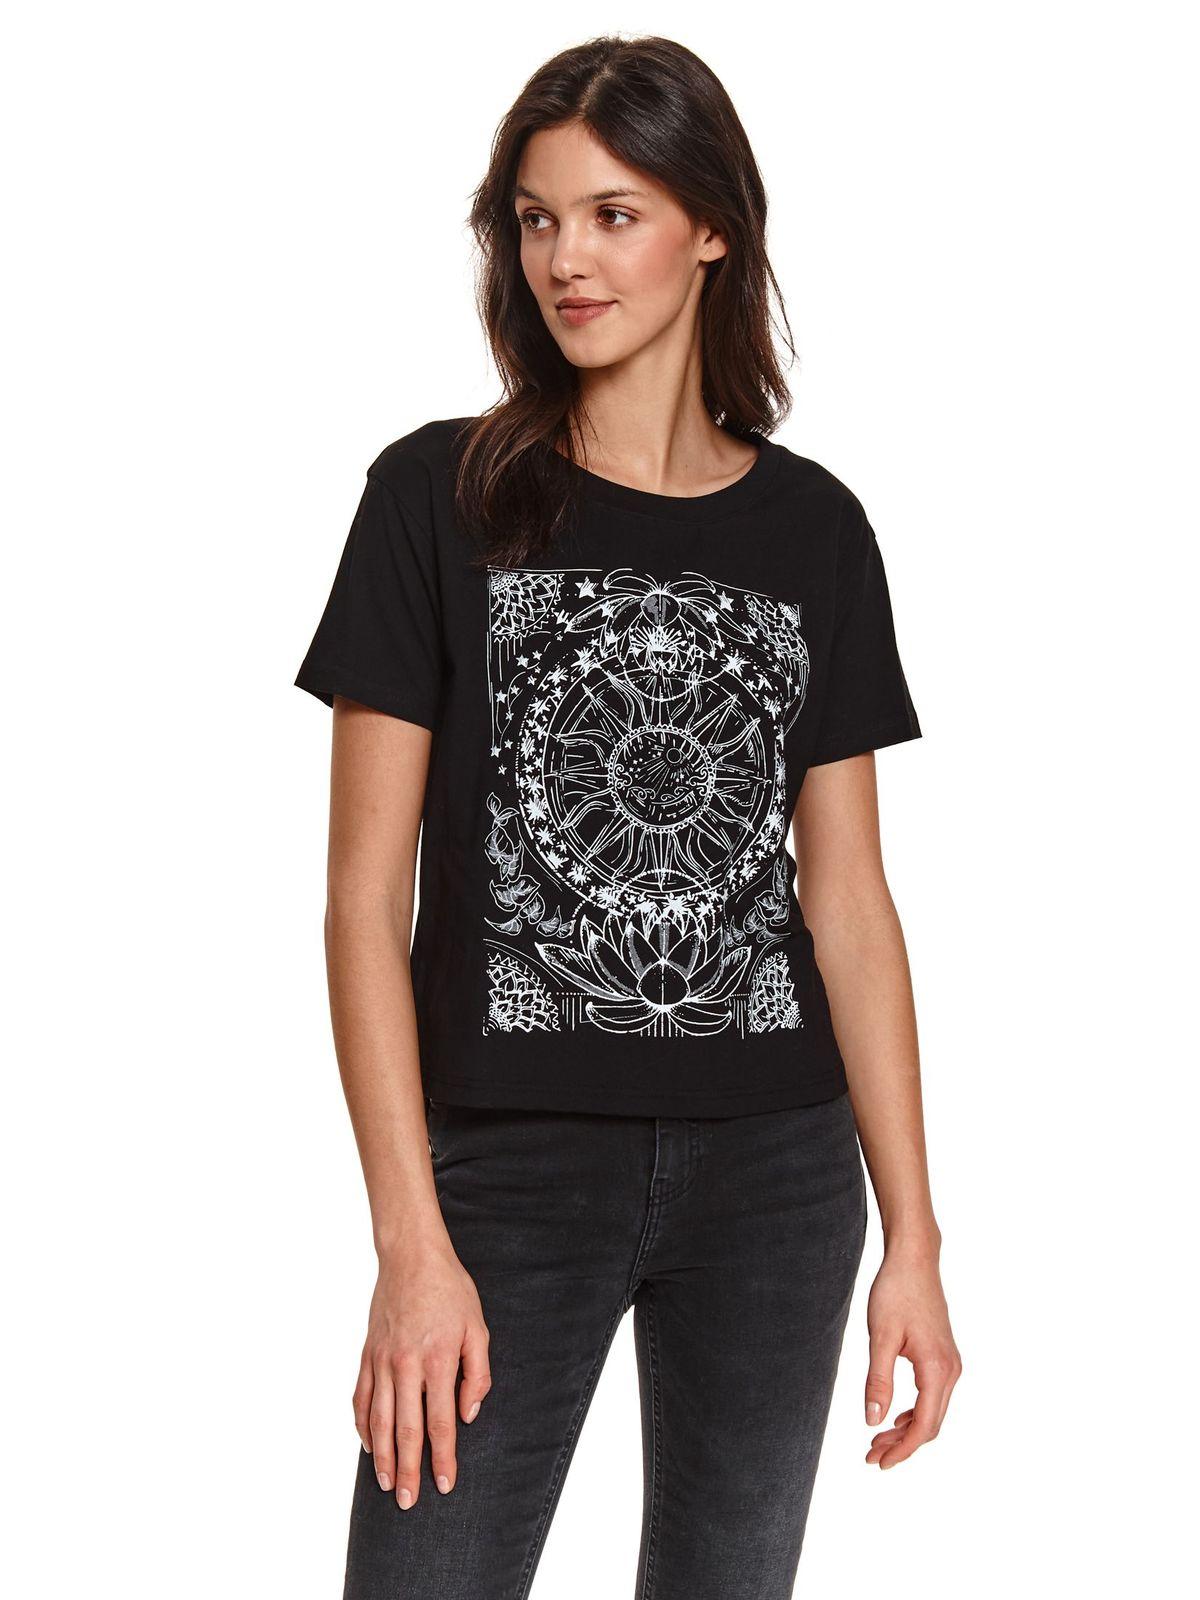 Top Secret S051876 Black T-Shirt